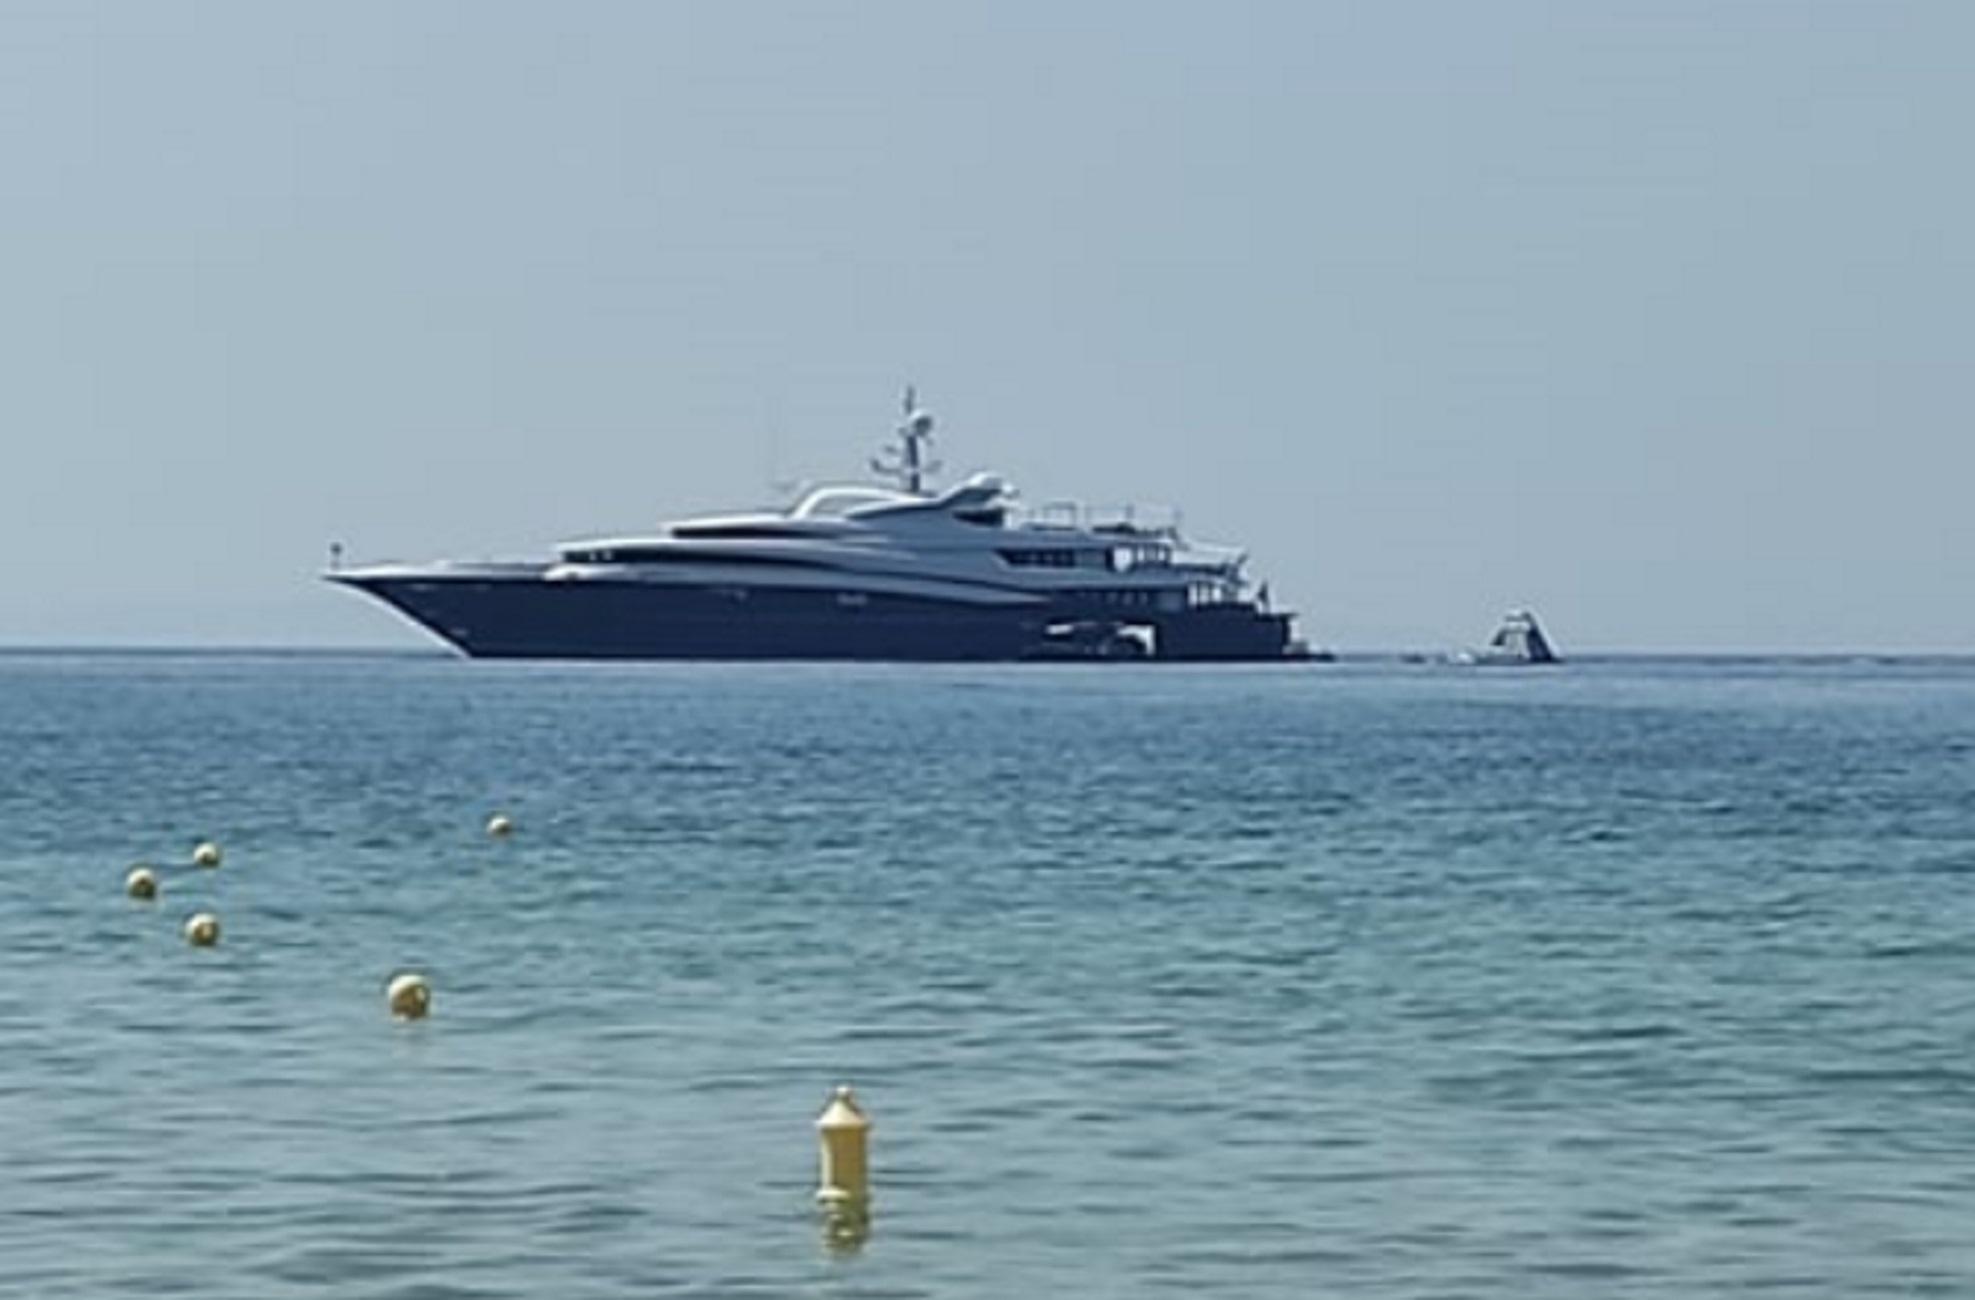 Σύρος: Η θαλαμηγός του επιχειρηματία «θάμπωσε» το νησί – Ποιος είναι ο κροίσος ιδιοκτήτης της